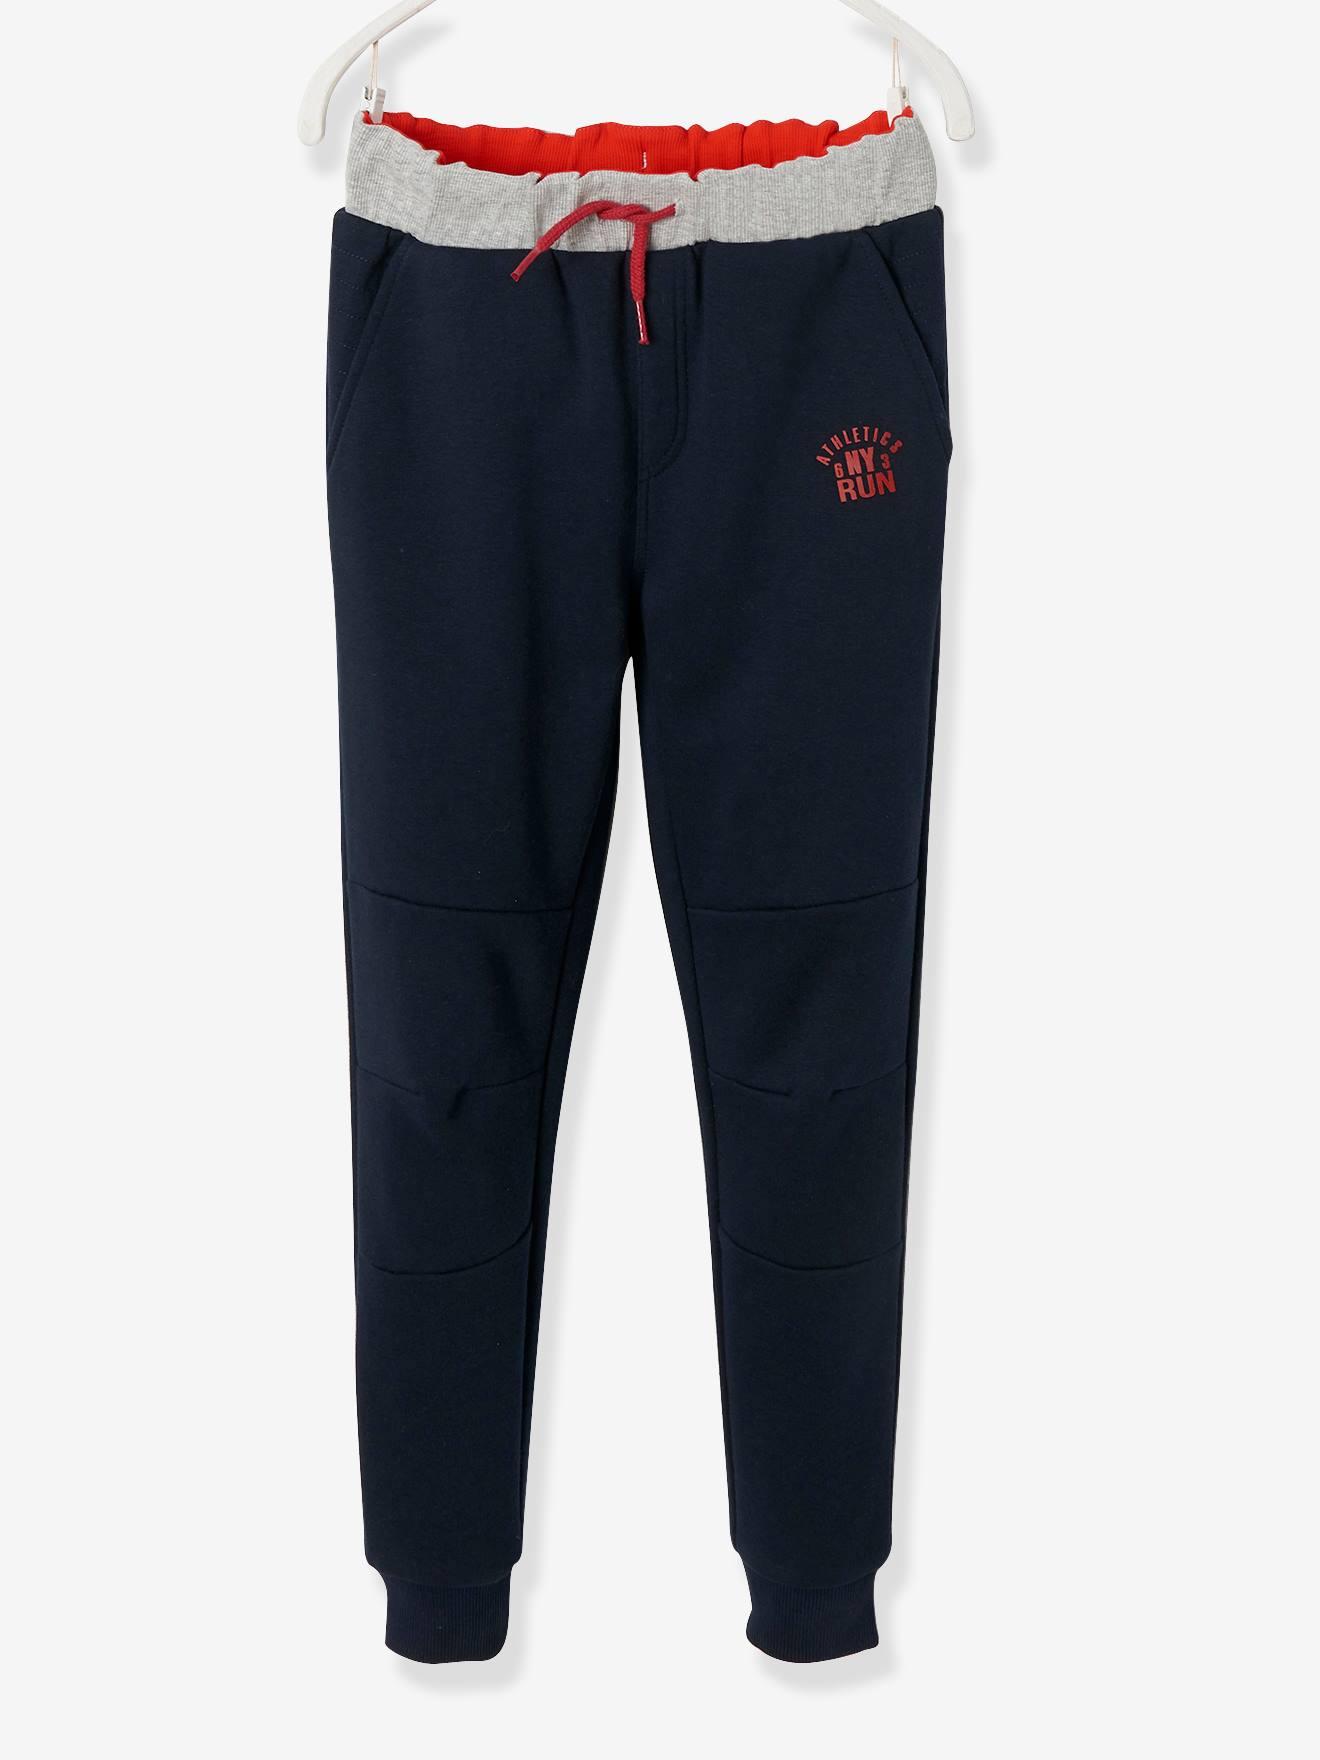 Pantalon garçon enfant - Pantalons slim ou